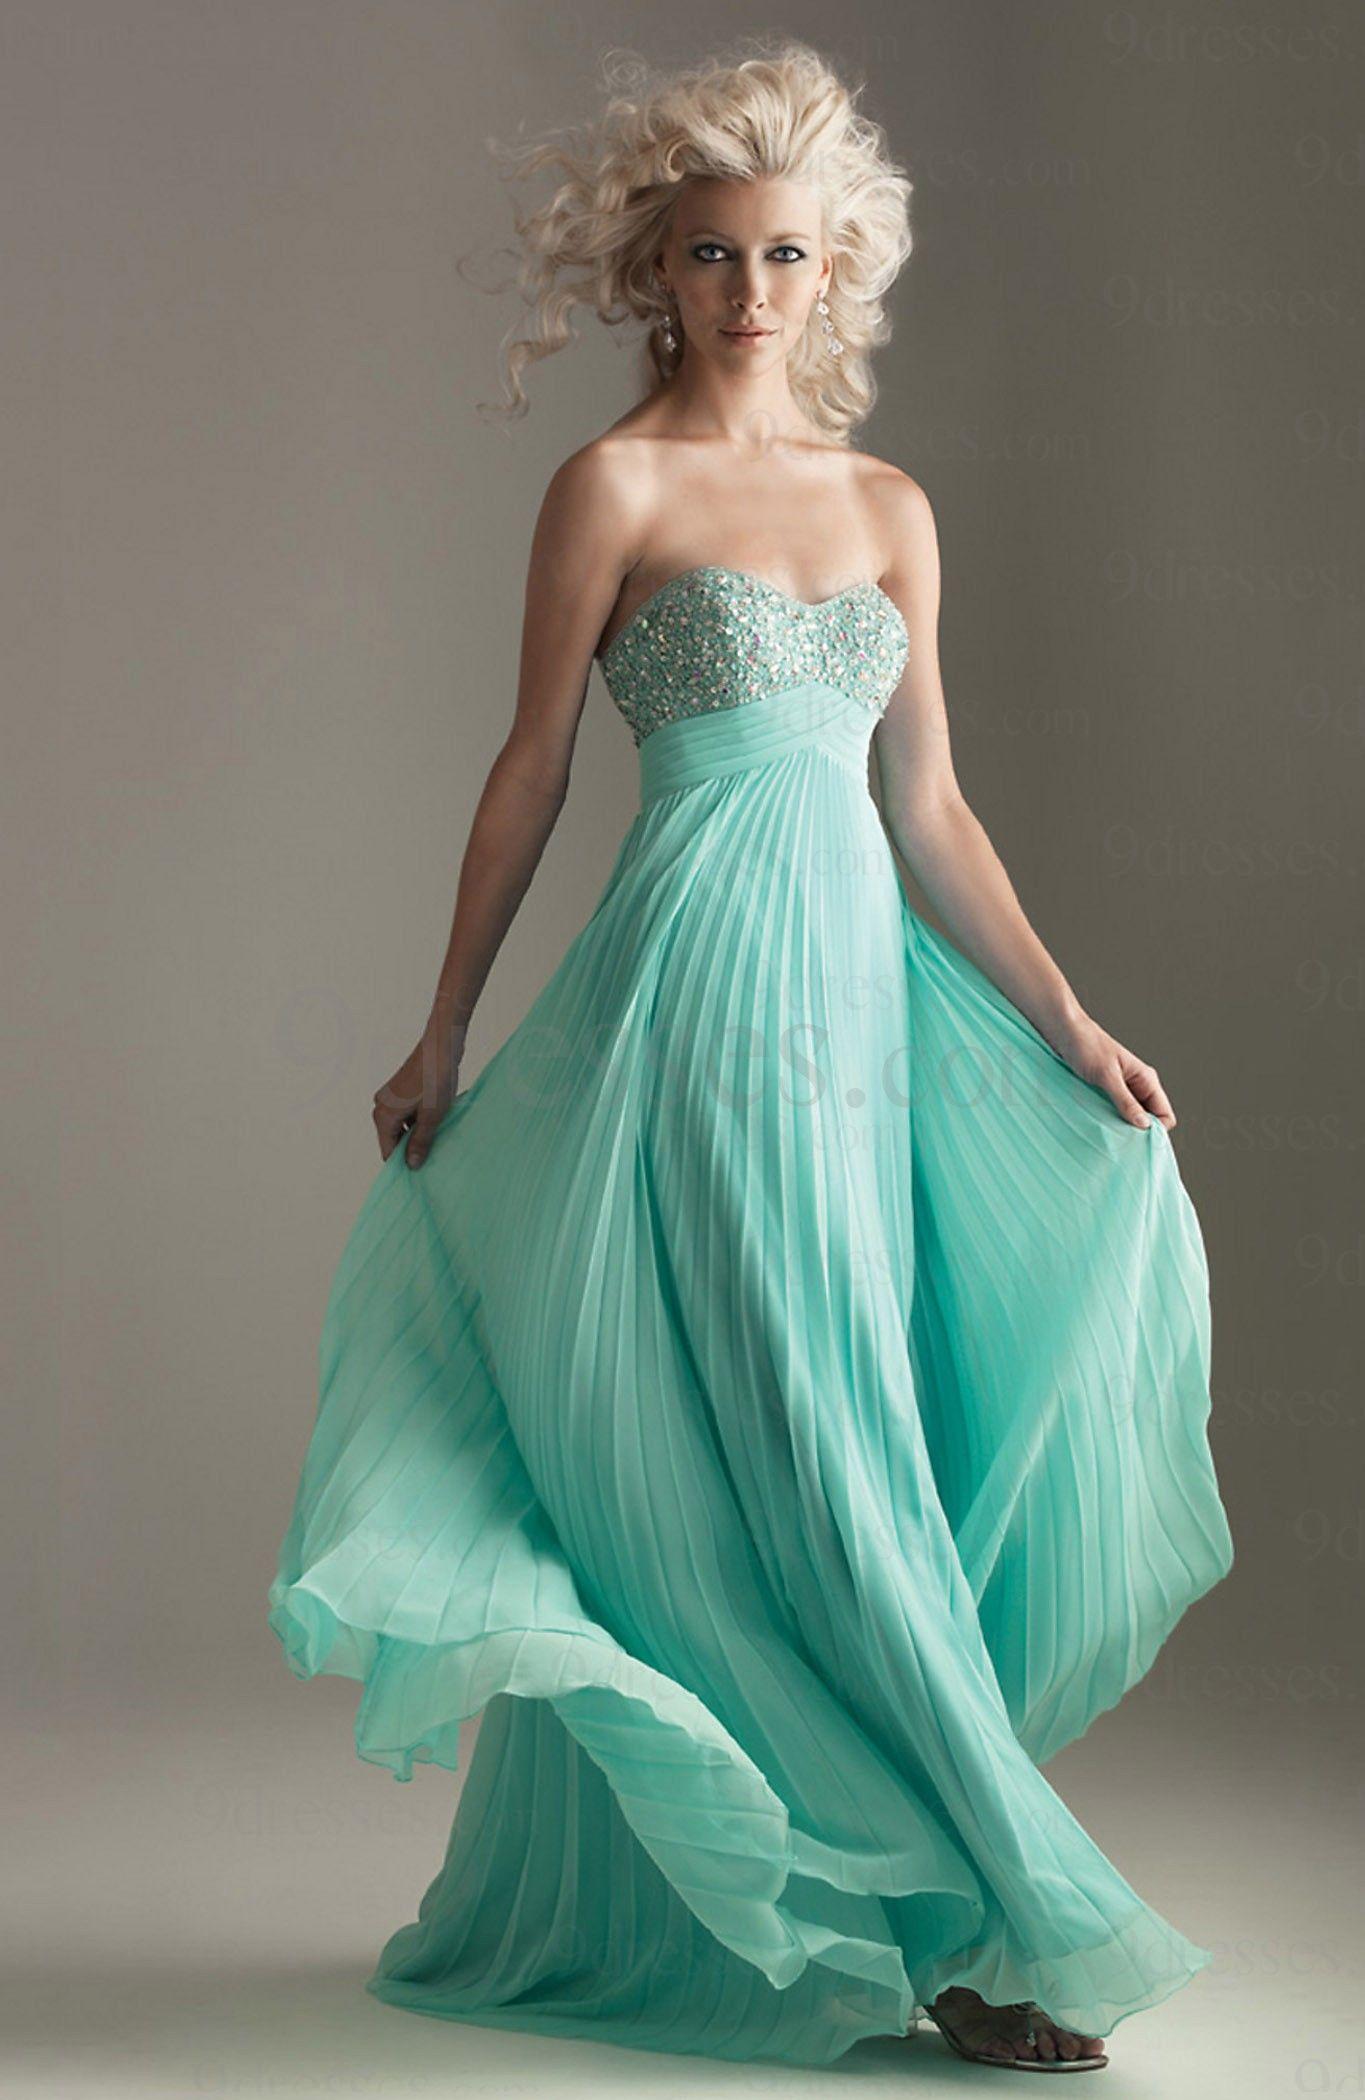 Pin by Teegan Koster on Prom | Pinterest | Perfect prom dress, Aqua ...